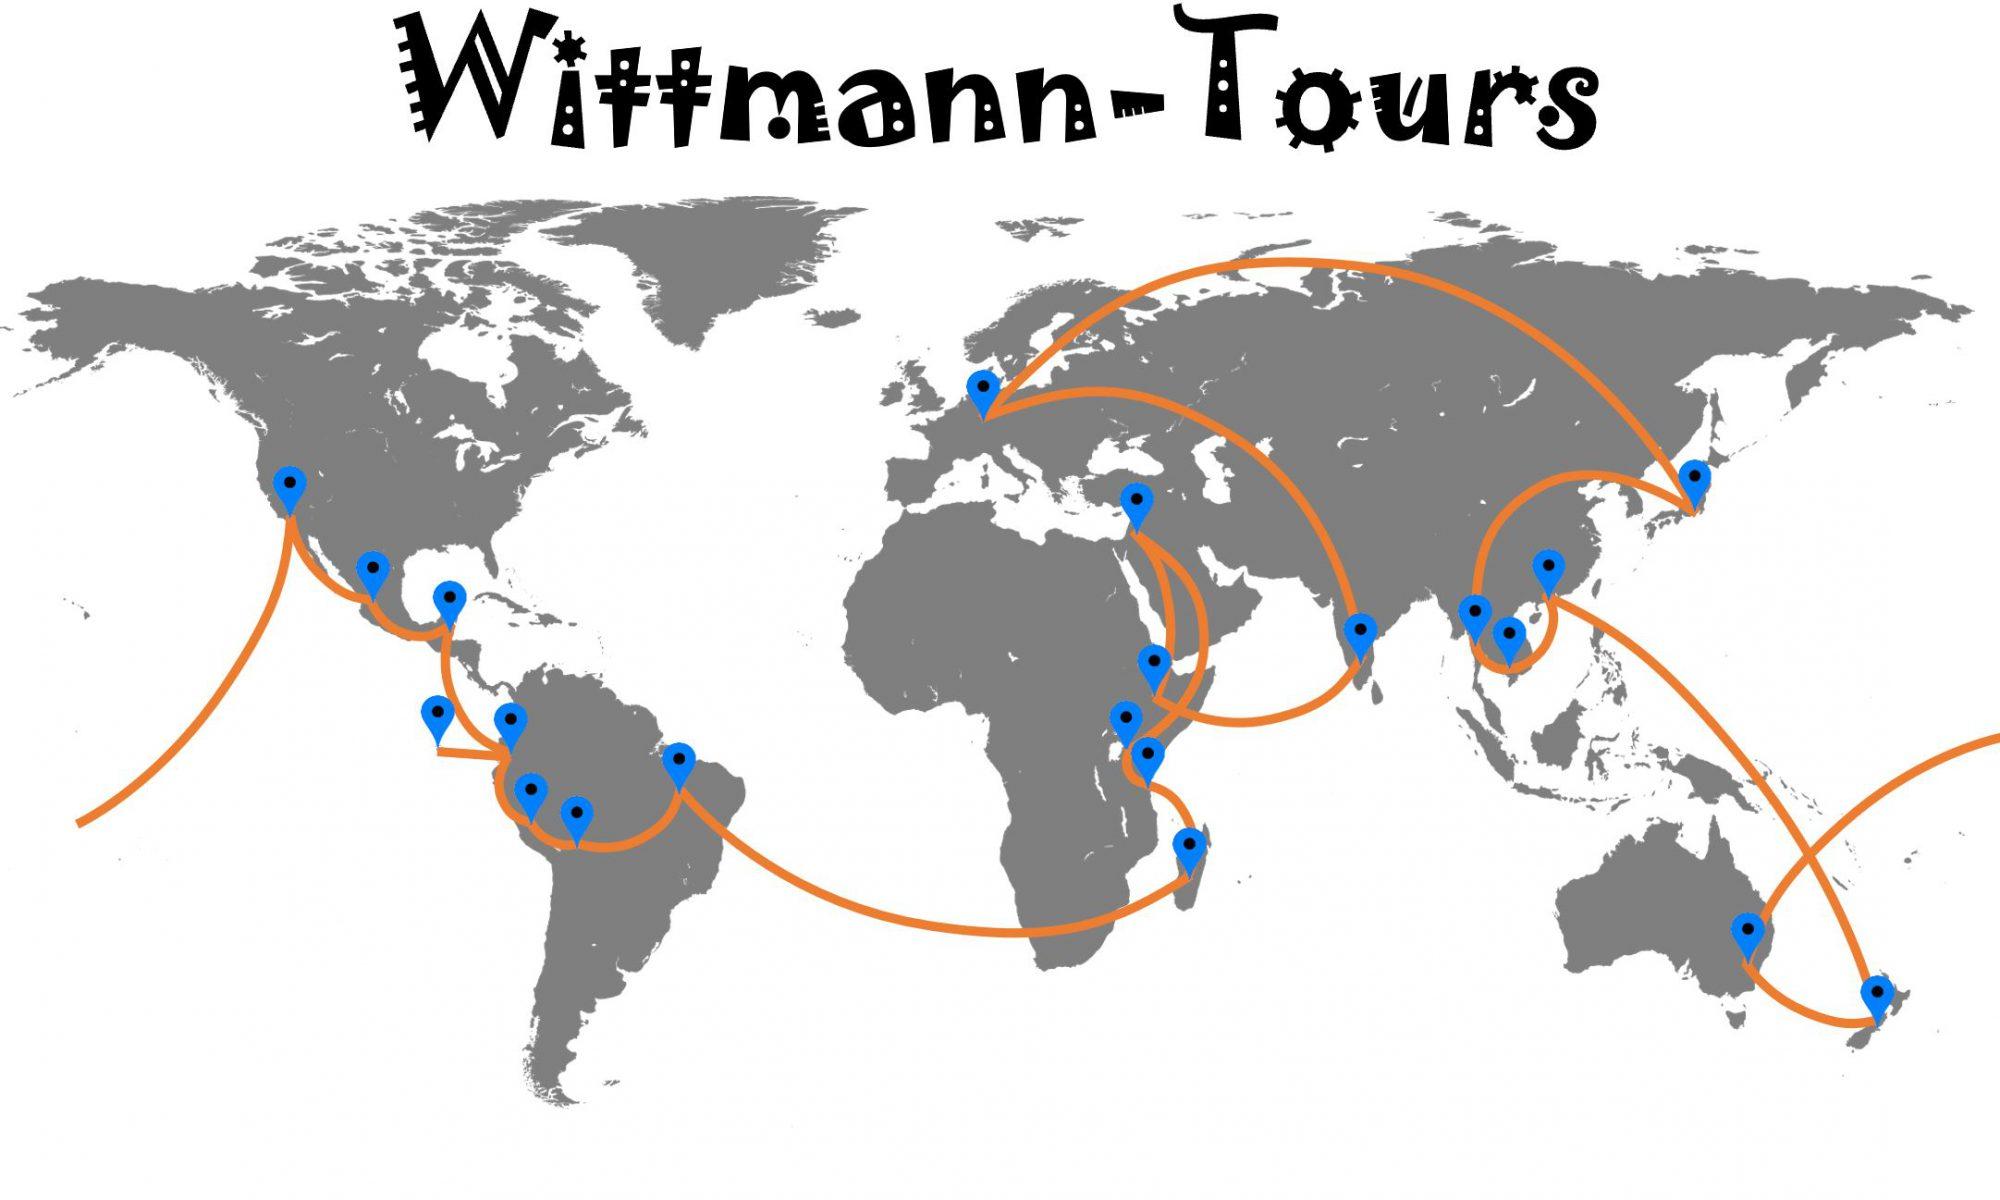 Wittmann Tours